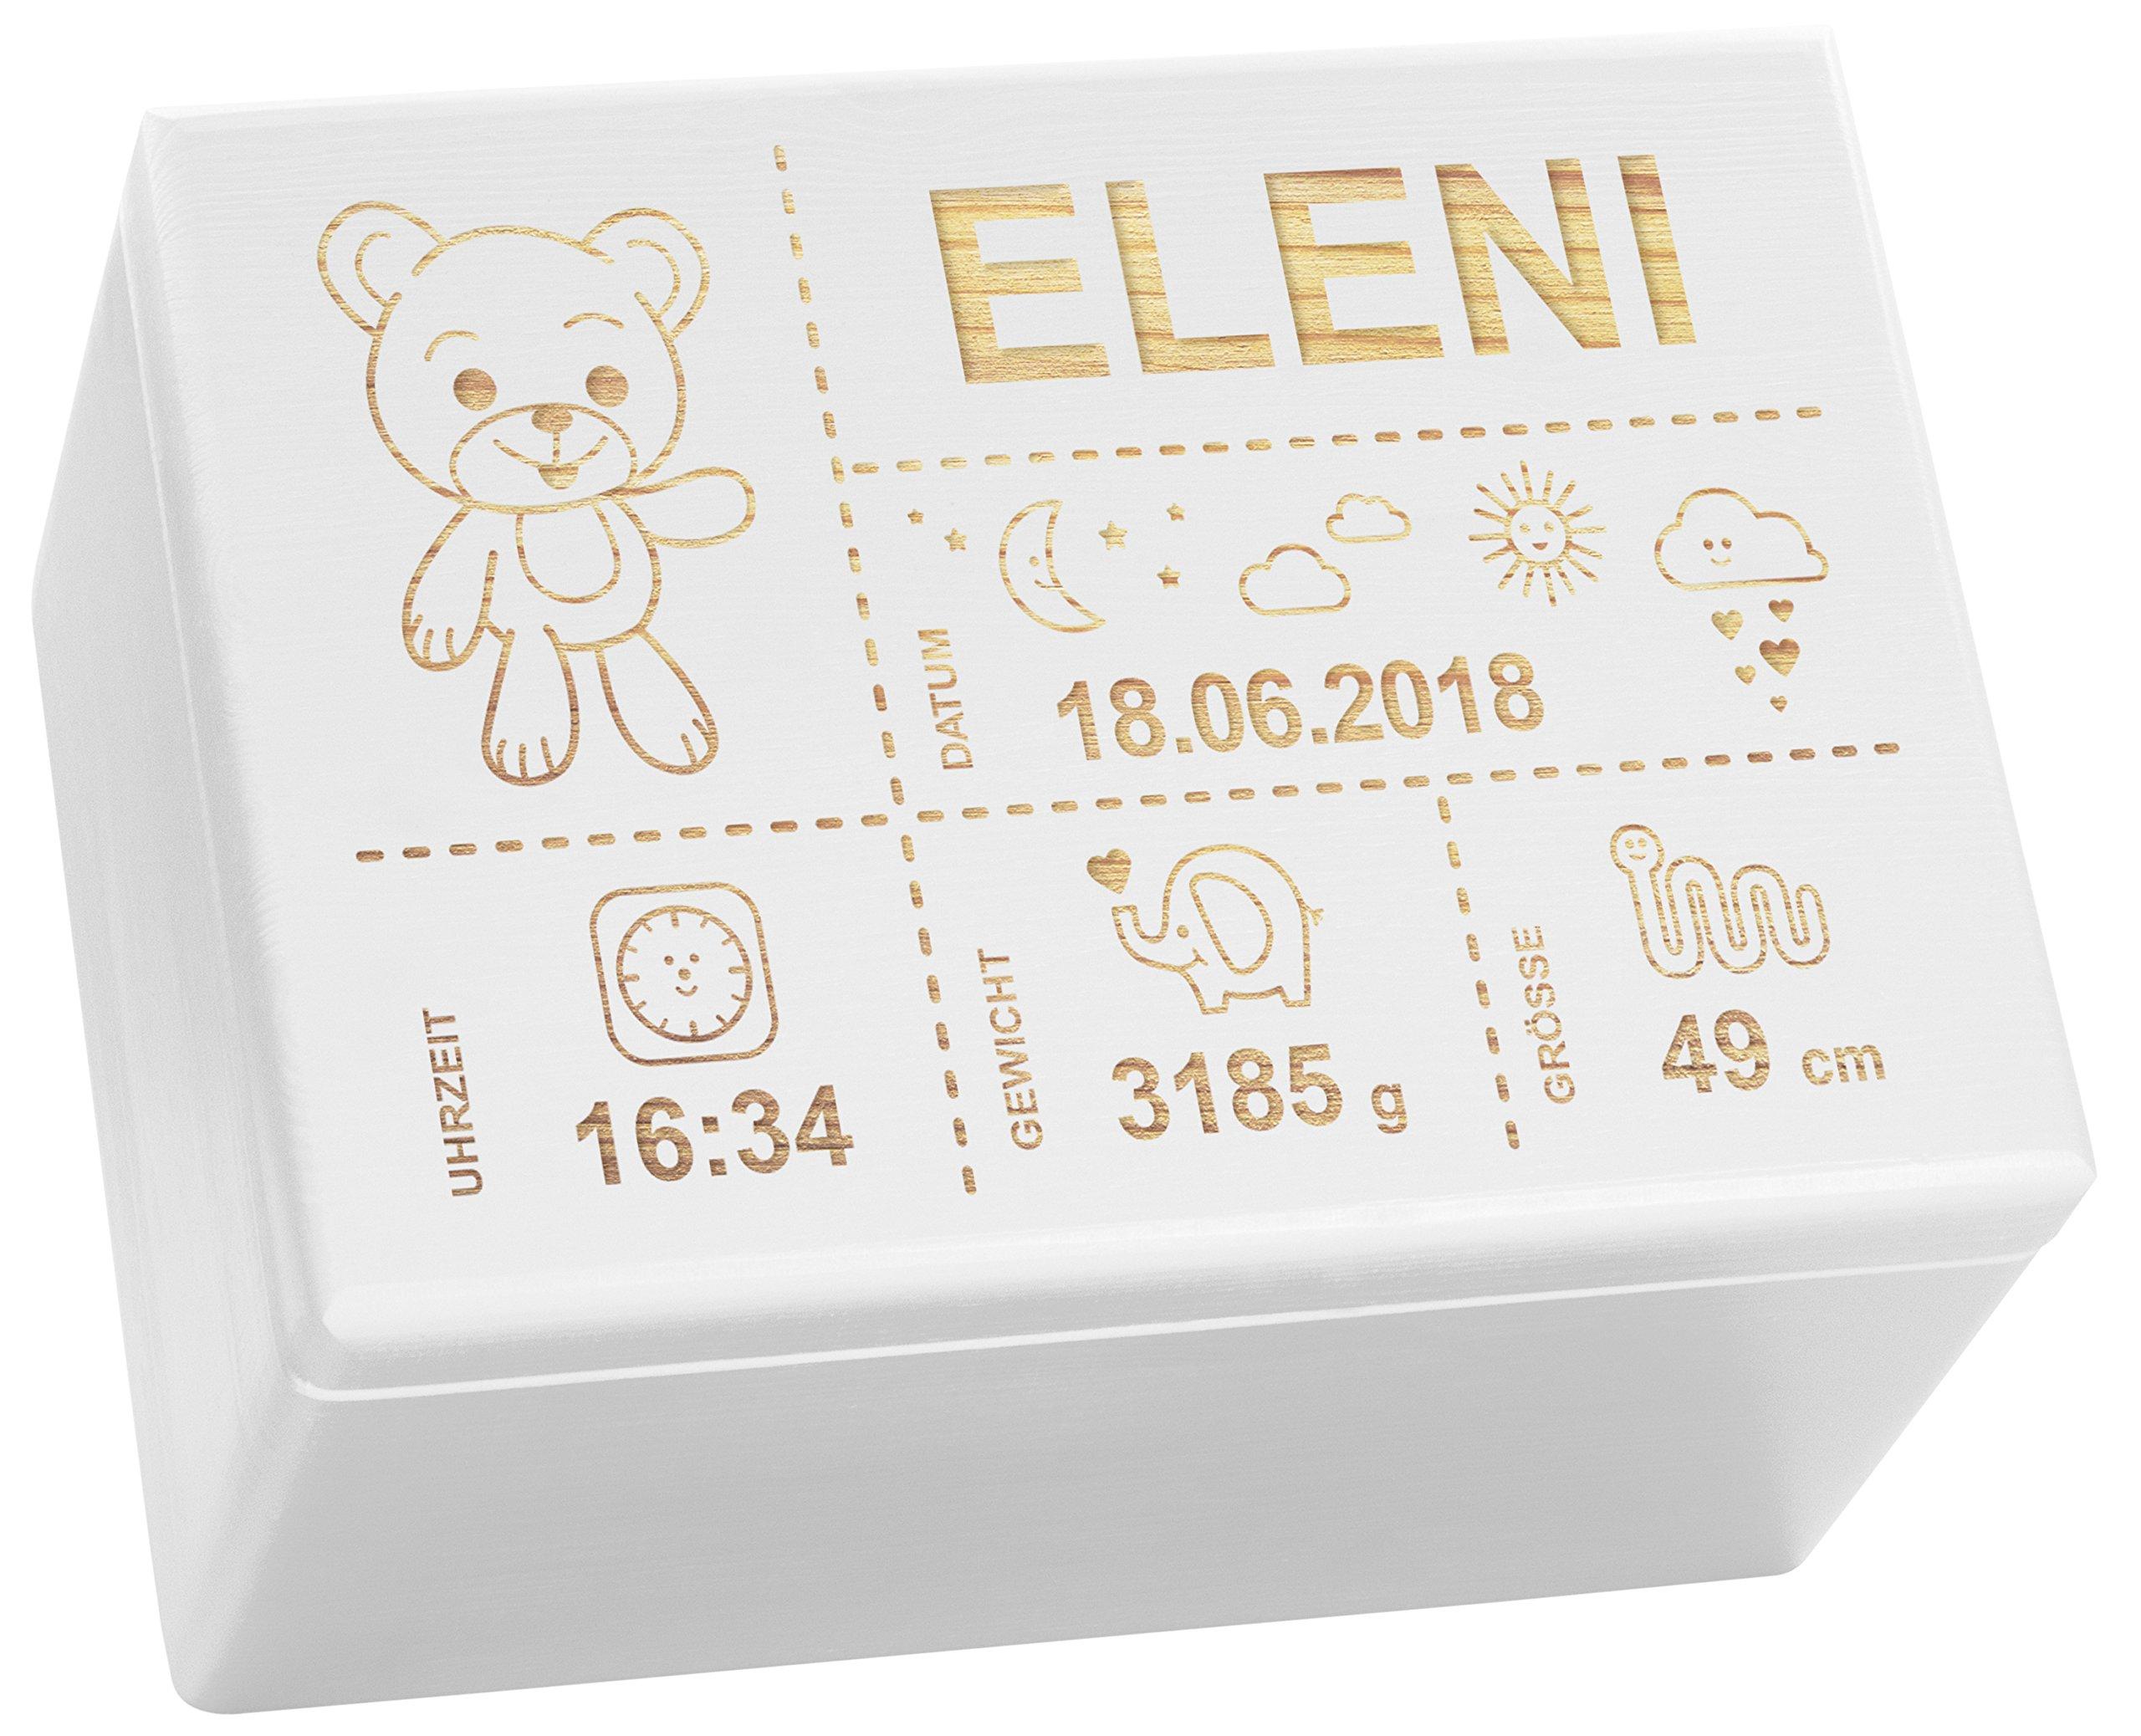 LAUBLUST Holzkiste mit Gravur - Personalisiert mit GEBURTSDATEN - Weiß, Größe XL - Teddybär Motiv - Erinnerungskiste als…